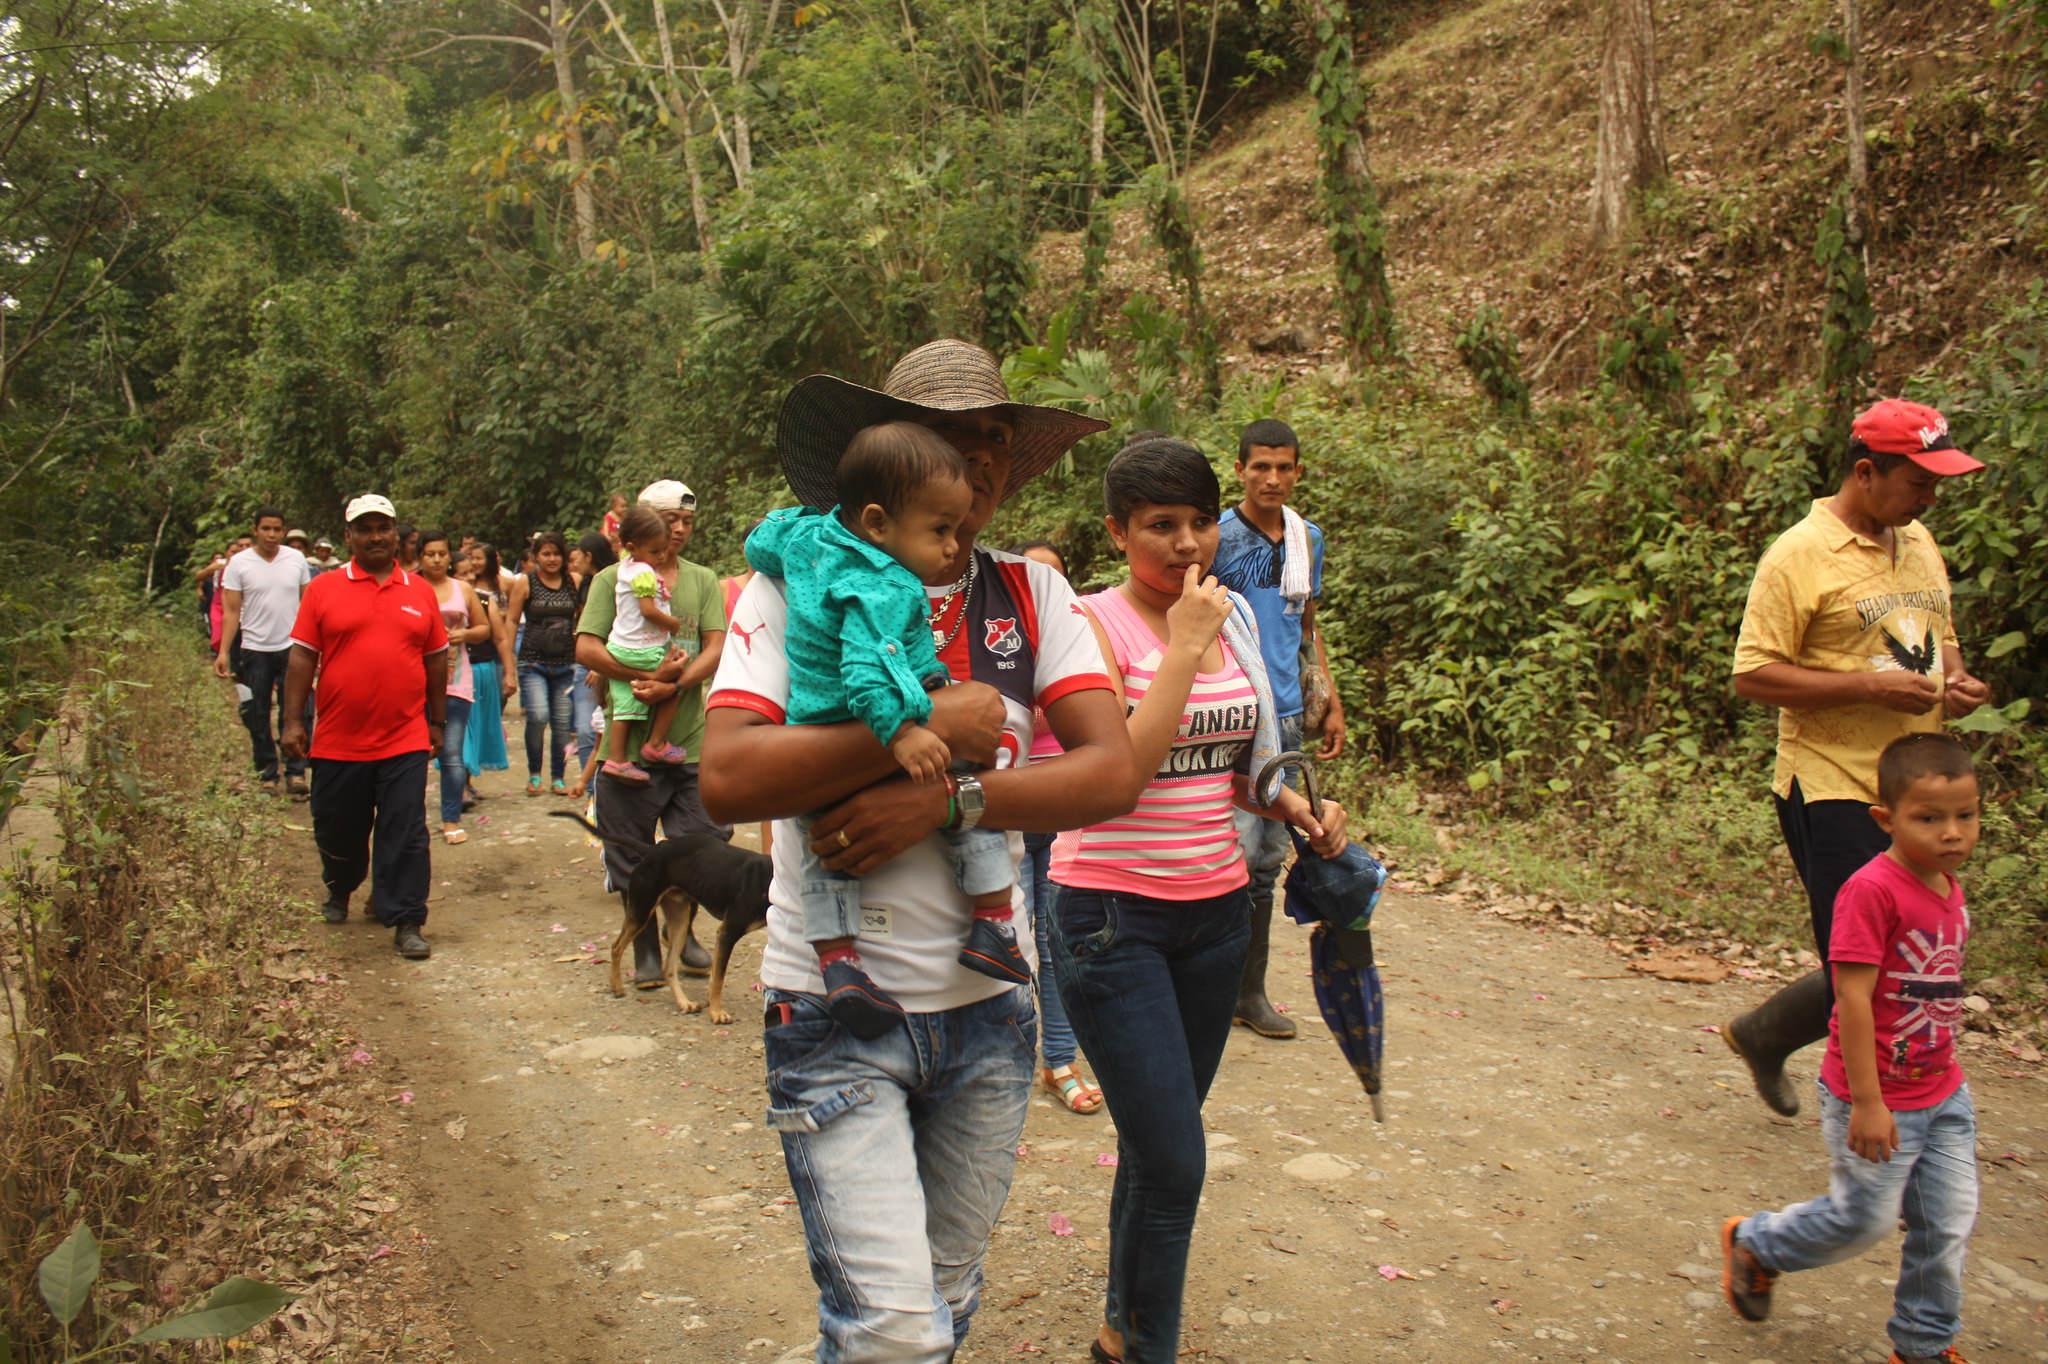 Friedensgemeinde, Kolumbien. Gemeinsam gegen die Gewalt gehen